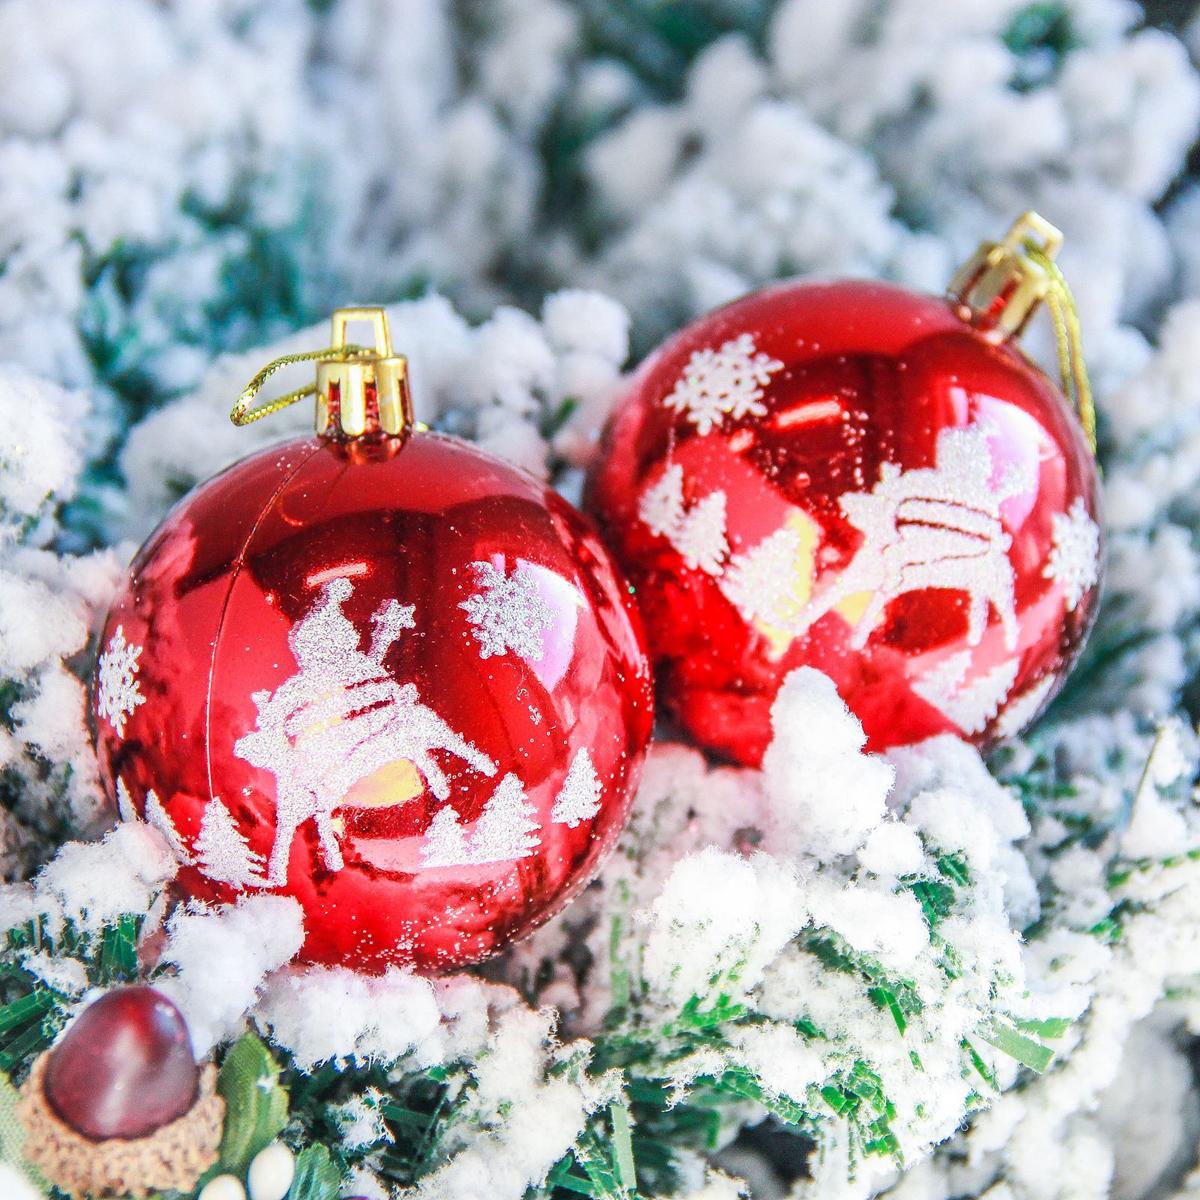 Набор новогодних подвесных украшений Sima-land Елочки. Снежинки, диаметр 5,5 см, 6 шт2363902Невозможно представить нашу жизнь без праздников! Мы всегда ждём их и предвкушаем, обдумываем, как проведём памятный день, тщательно выбираем подарки и аксессуары, ведь именно они создают и поддерживают торжественный настрой.